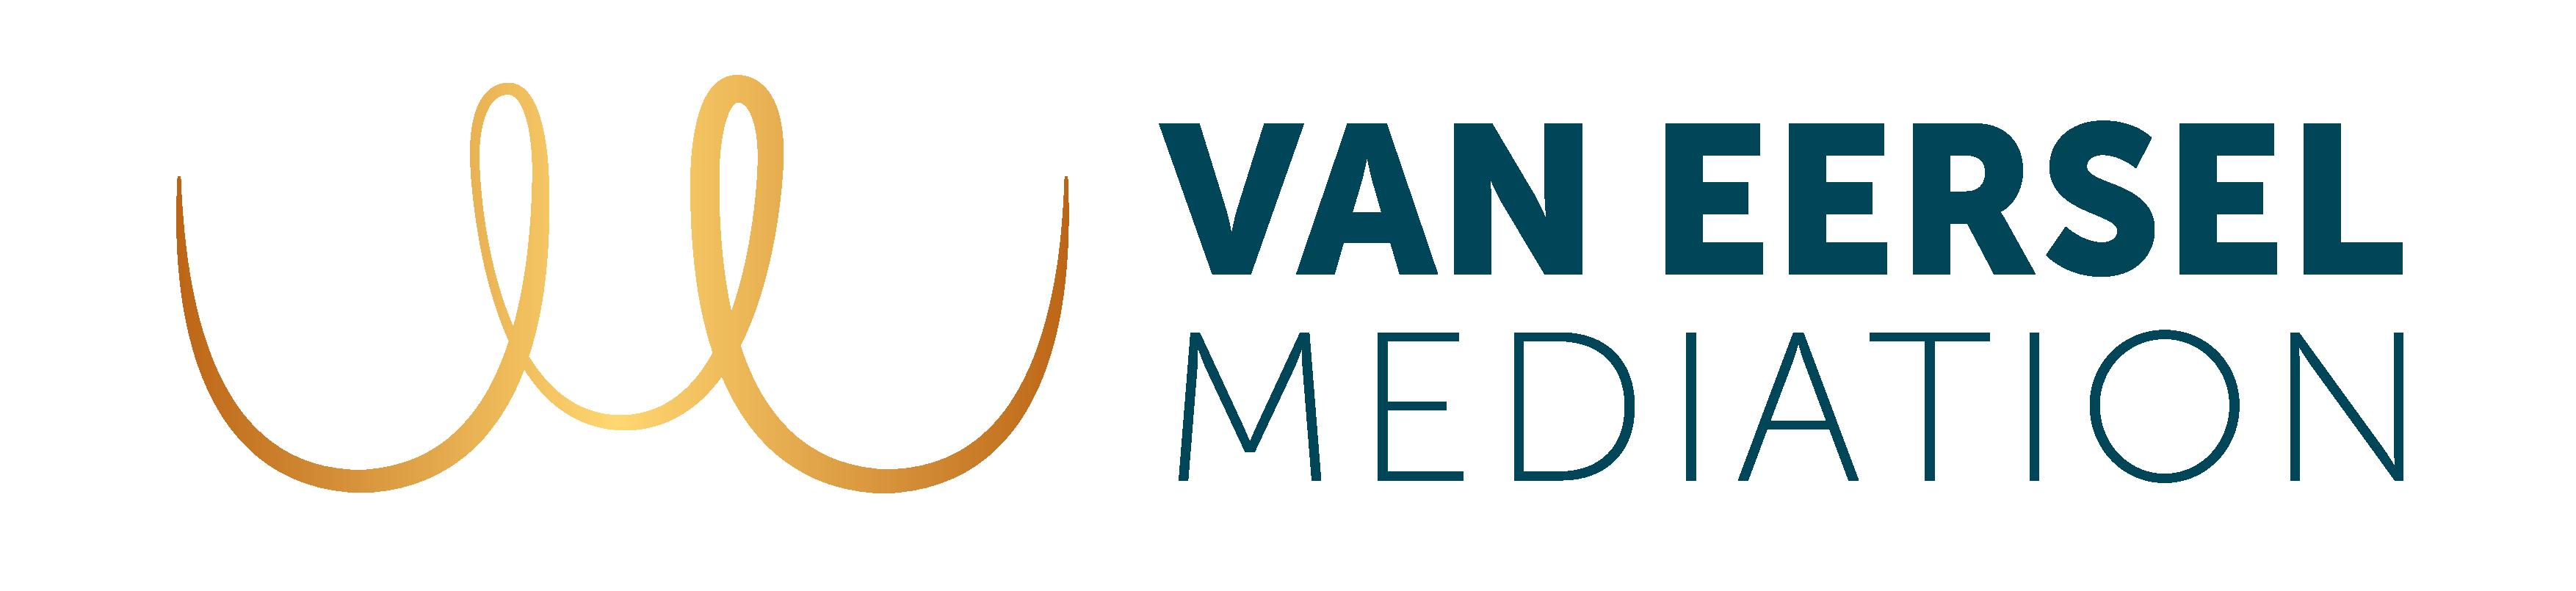 Van Eersel Mediation